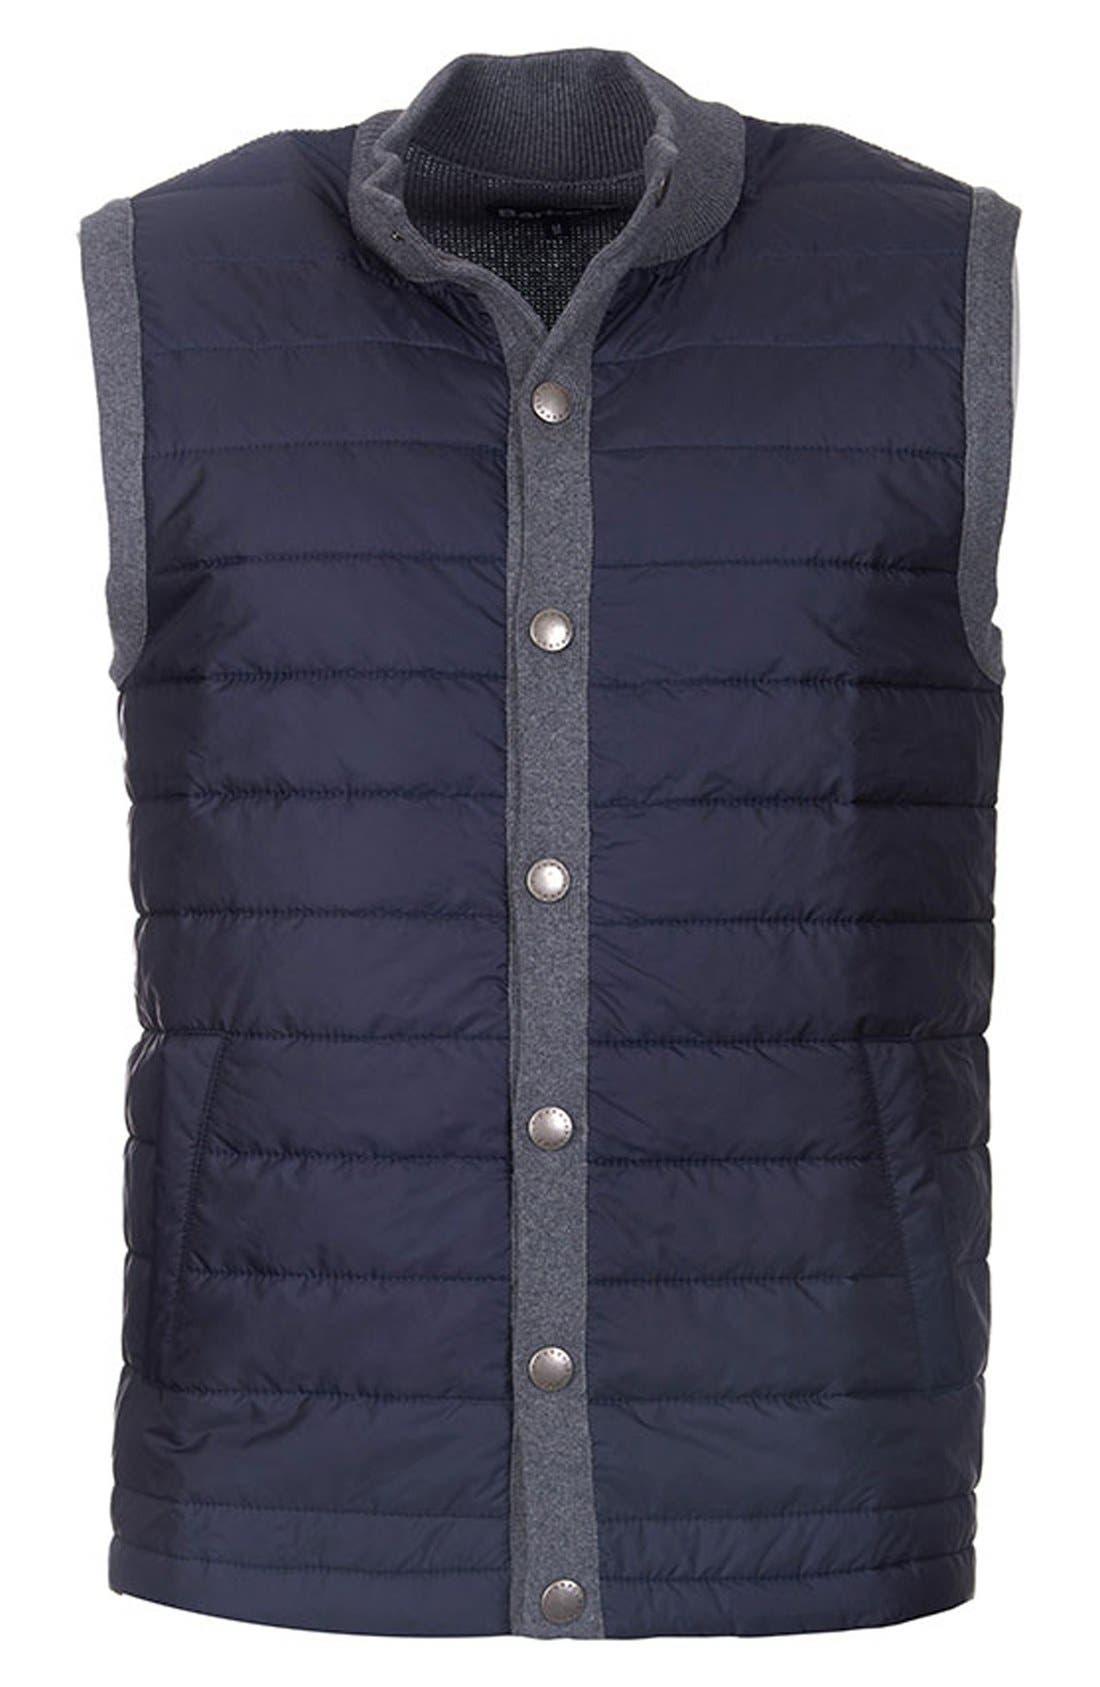 a022e91d760 Men s Barbour Coats   Jackets